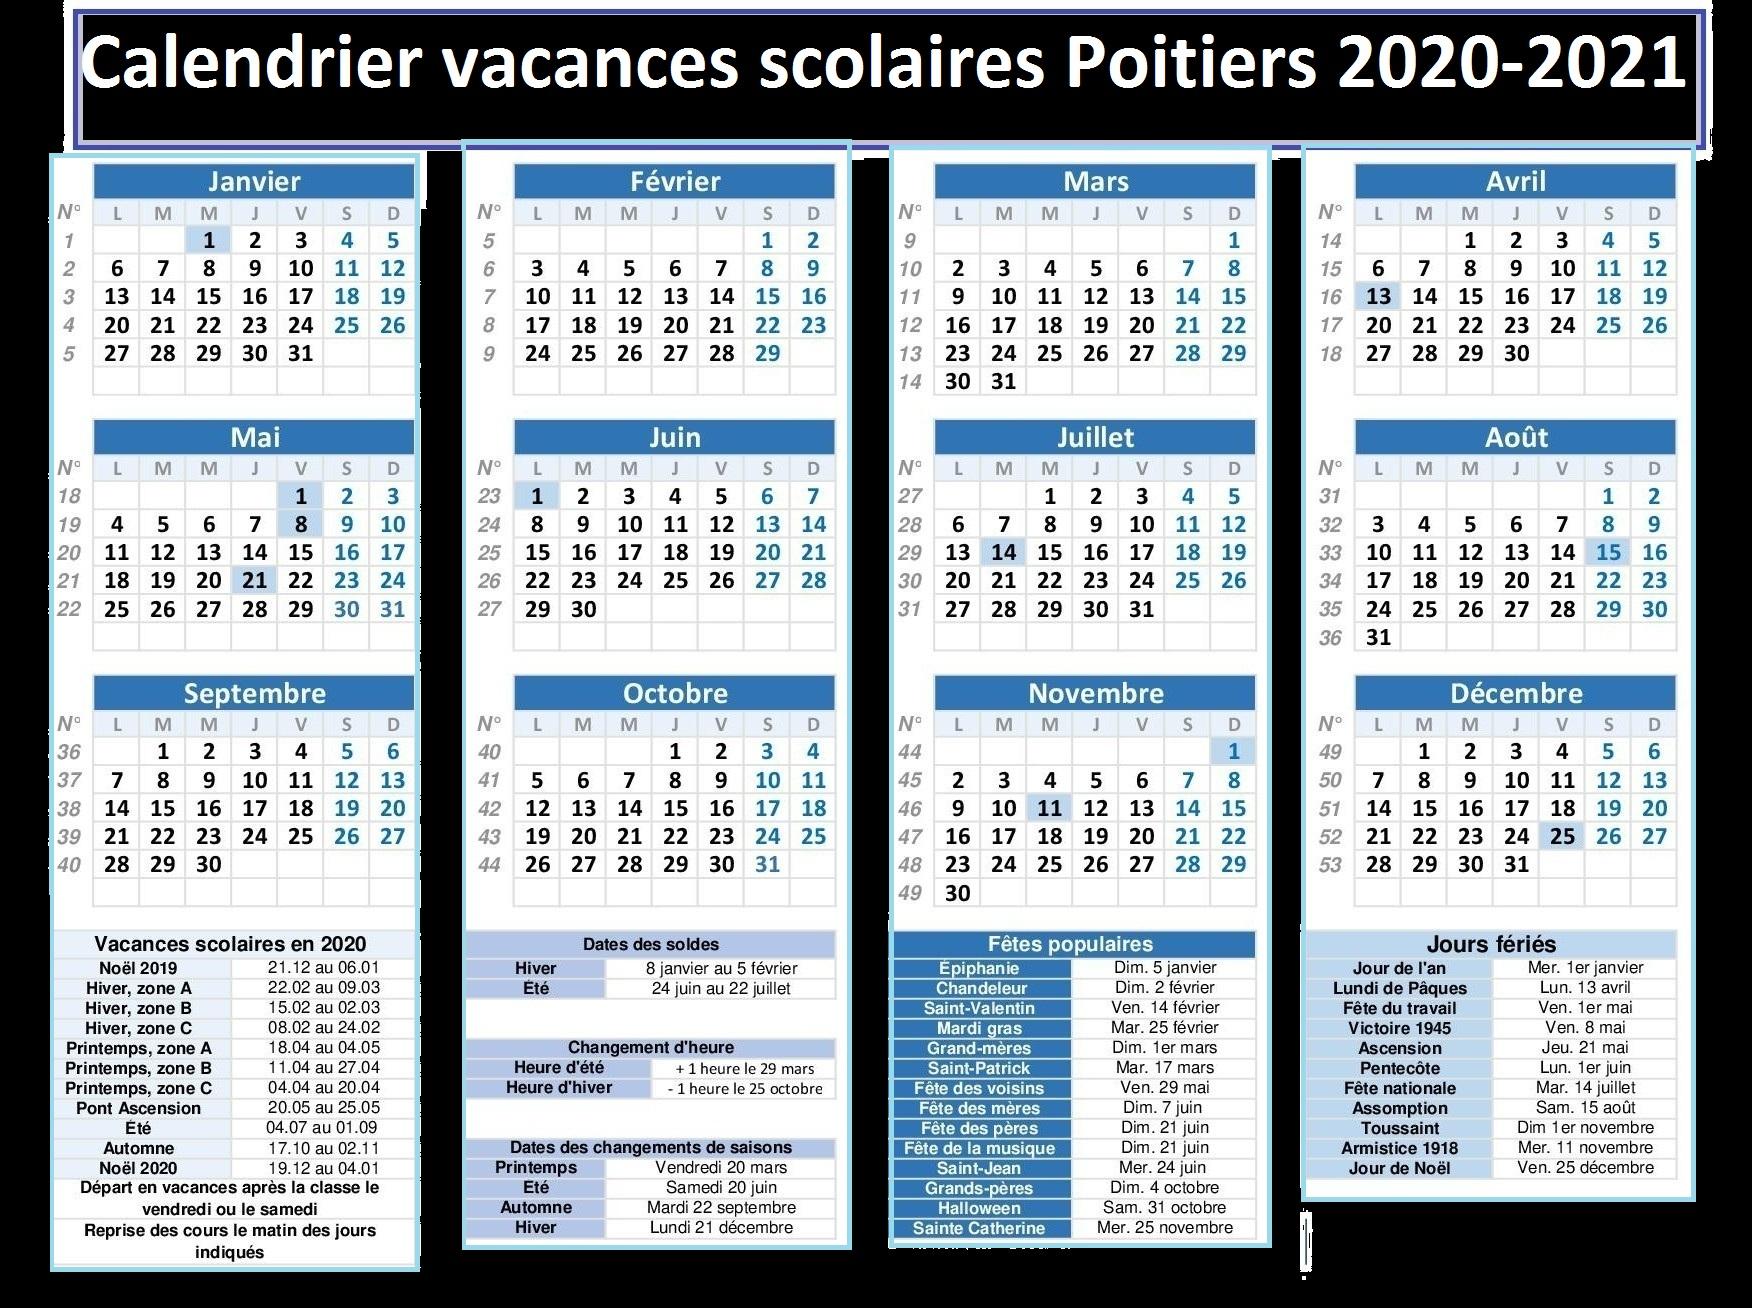 Vacances Scolaires 2019 et 2020 Poitiers